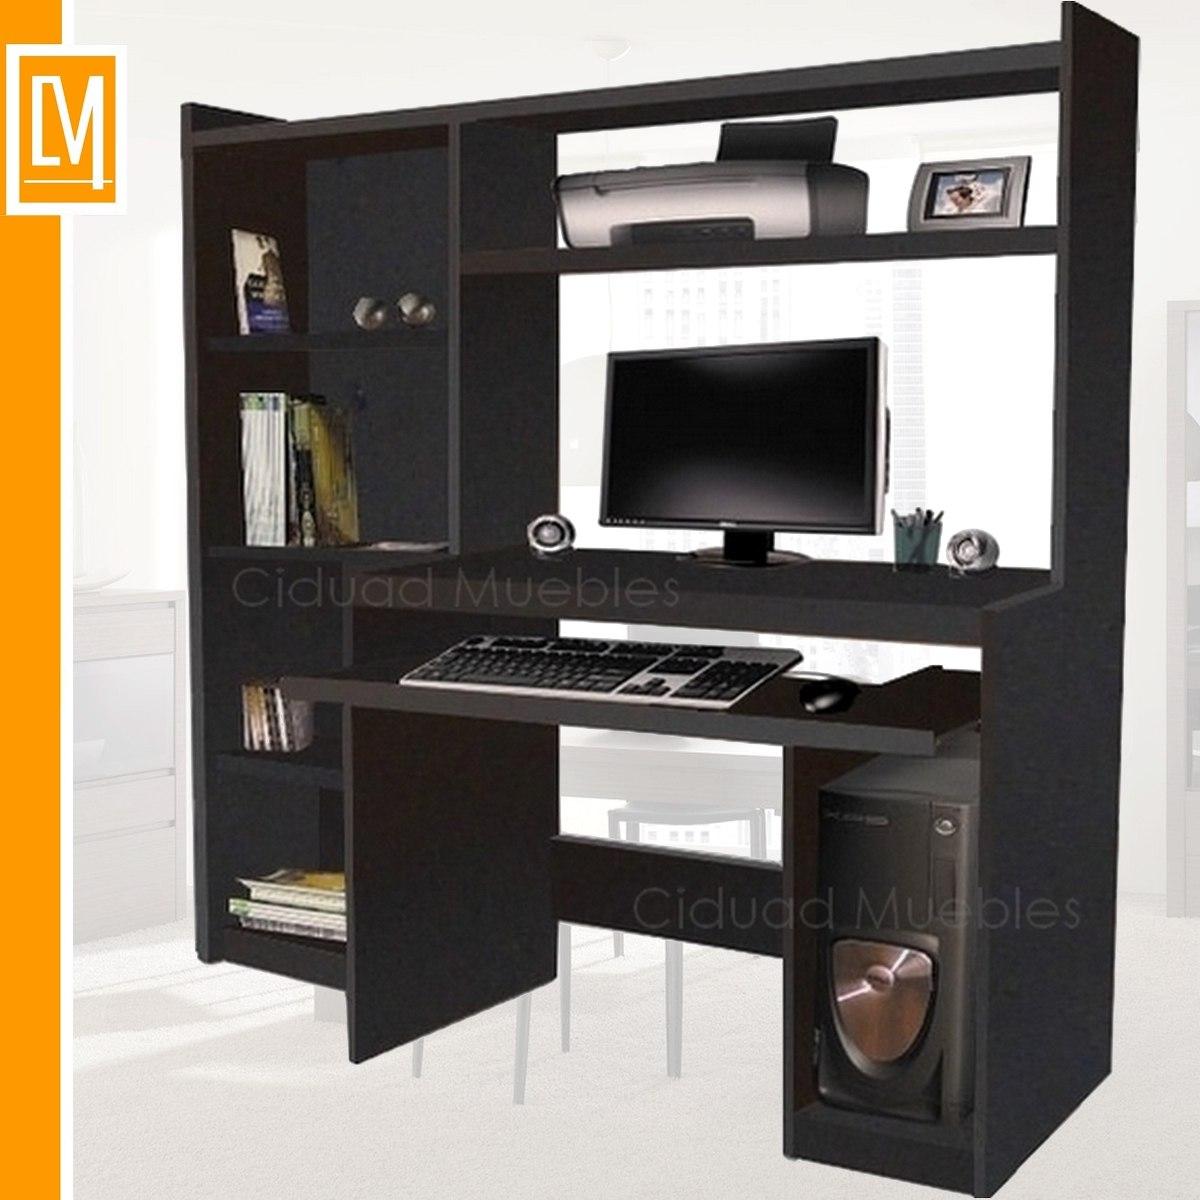 Muebles usados biblioteca venta 20170728182840 for Muebles para computador